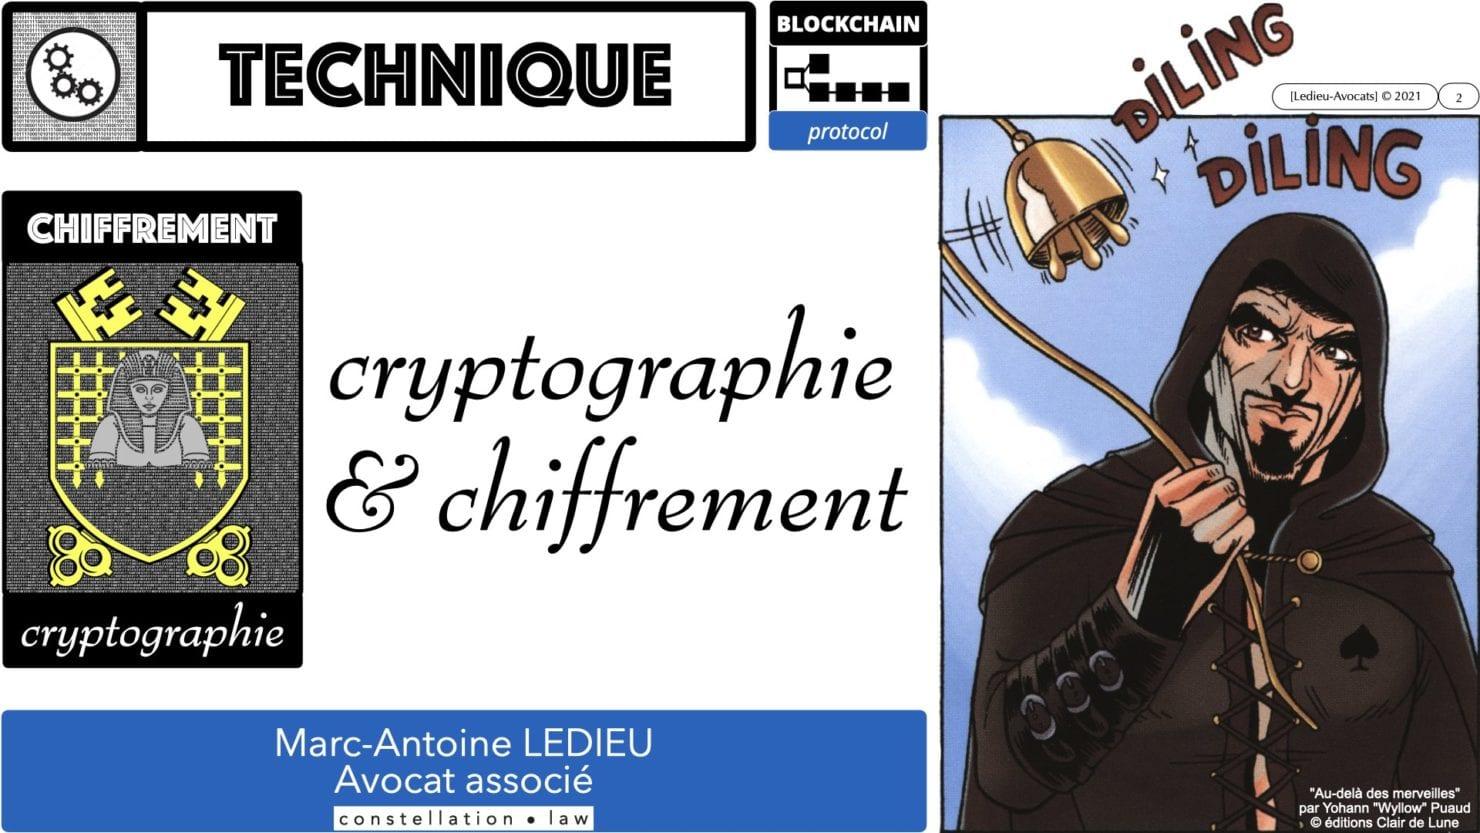 341 chiffrement cryptographie symetrique asymetrique hachage cryptographique TECHNIQUE JURIDIQUE © Ledieu-Avocat 05-07-2021.002